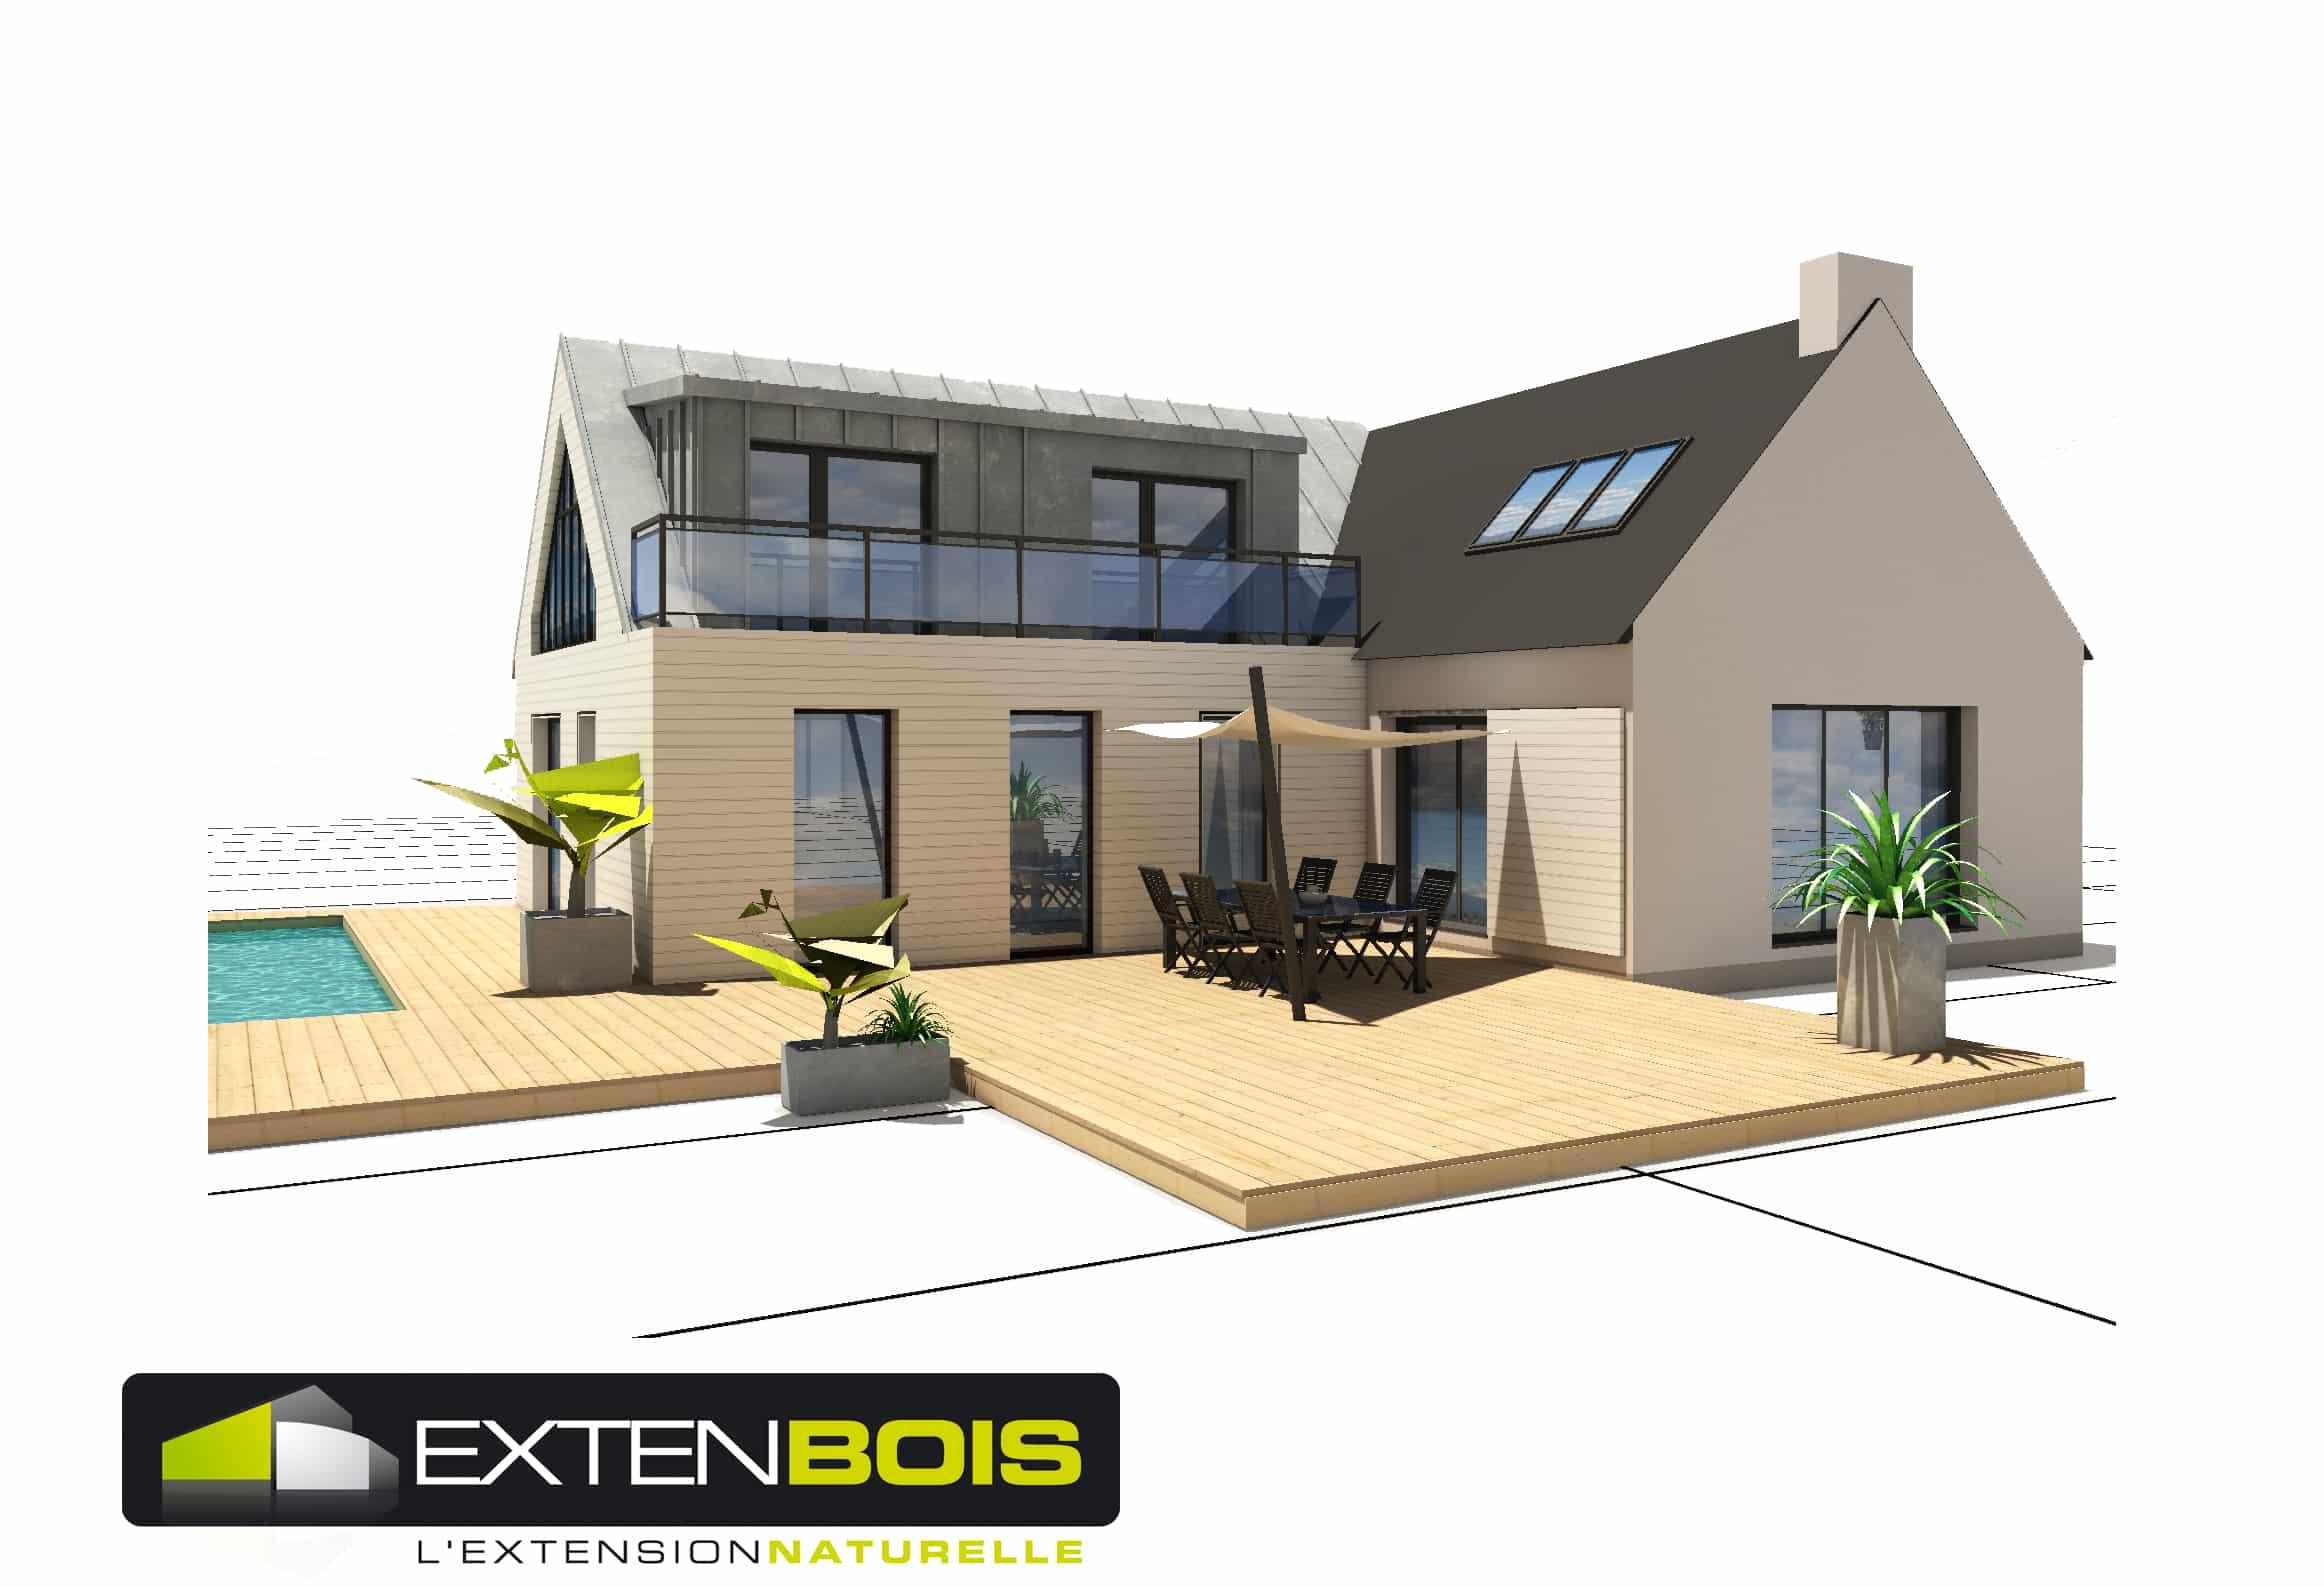 grande extension bois avec tage en ille et vilaine extenbois l extension bois pour agrandir. Black Bedroom Furniture Sets. Home Design Ideas